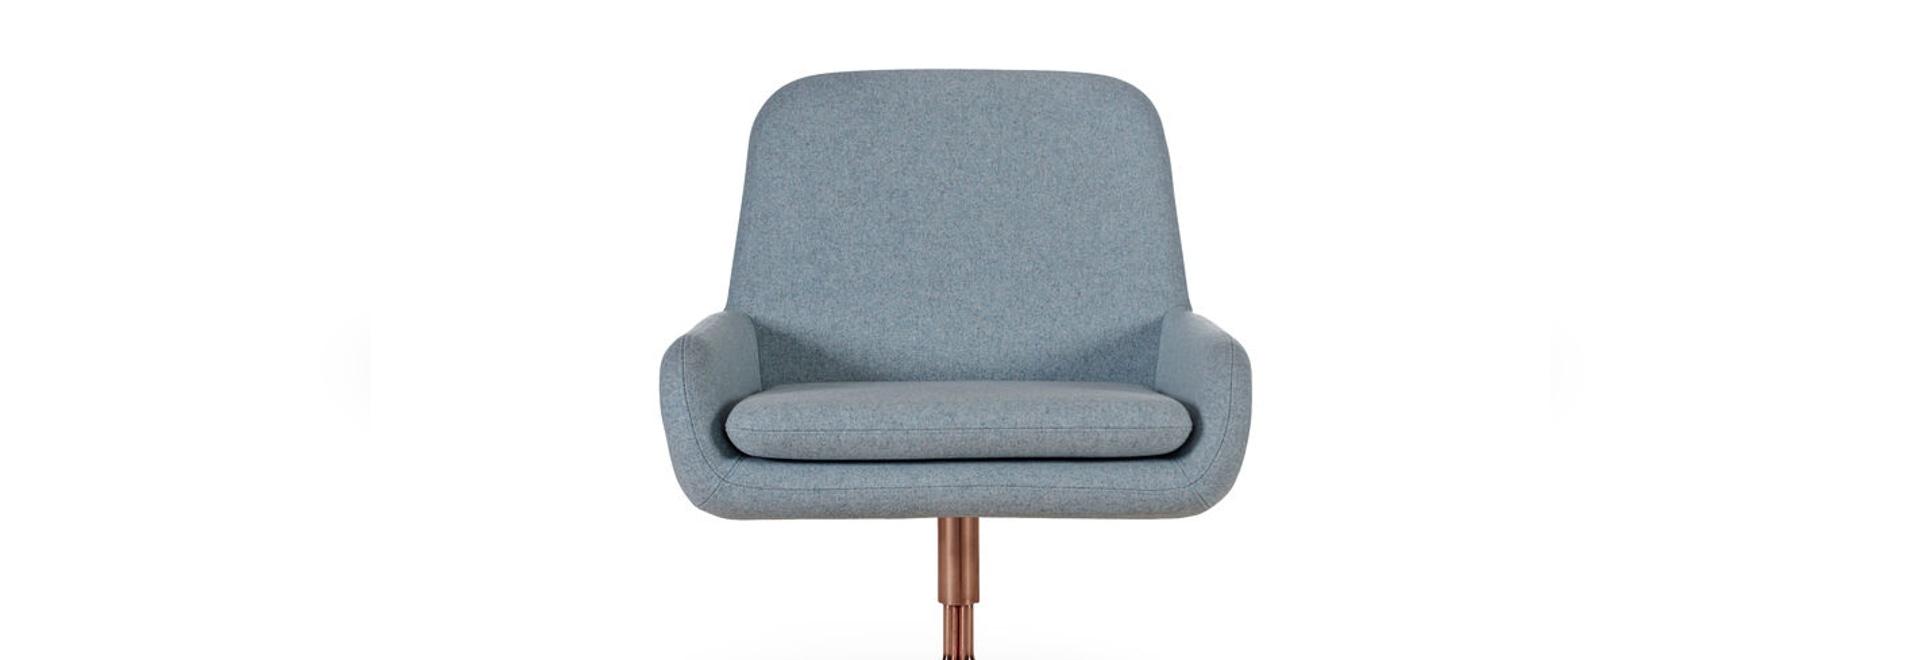 NOUVEAUTÉ : fauteuil contemporain by SOFTLINE A/S